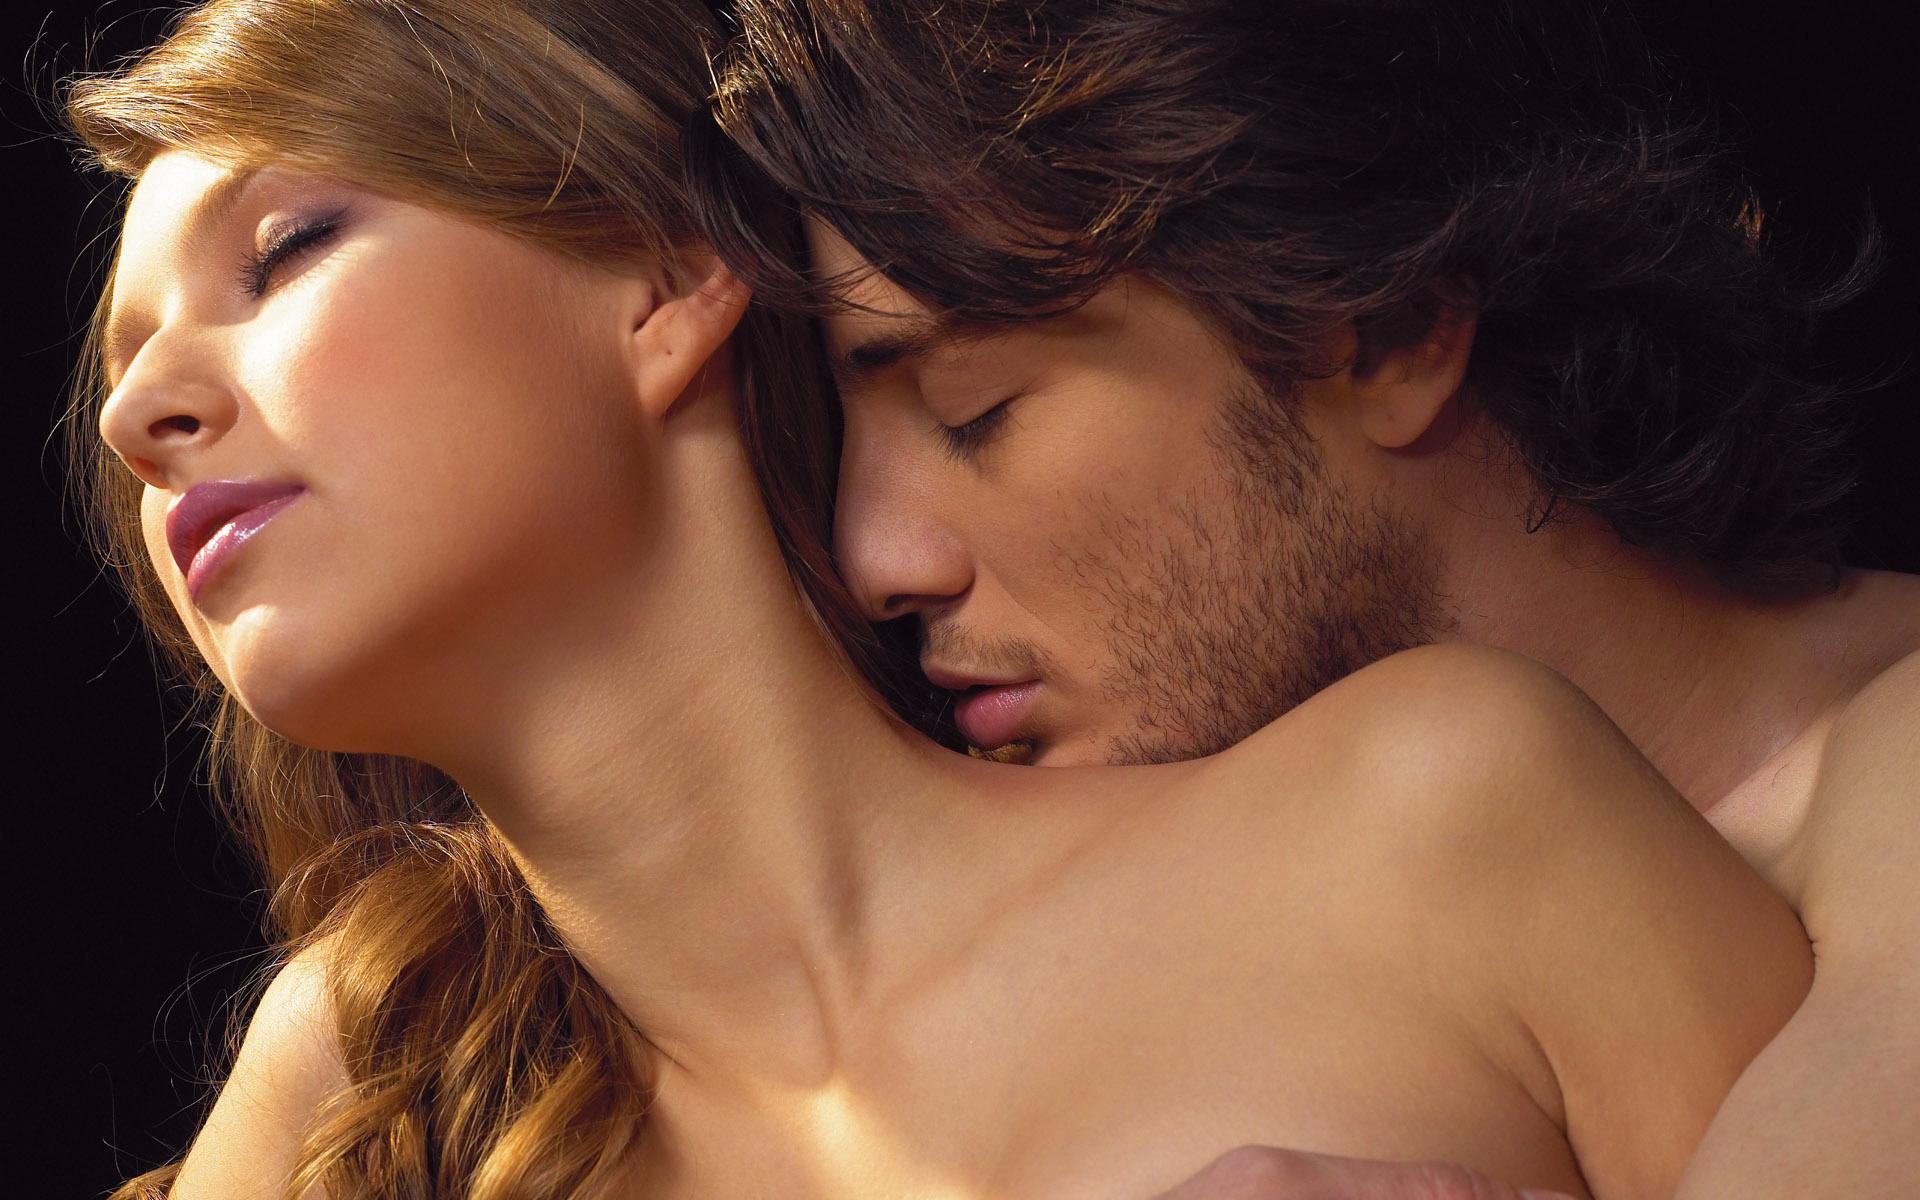 смотреть онлайн видео про нежное занятие любовью